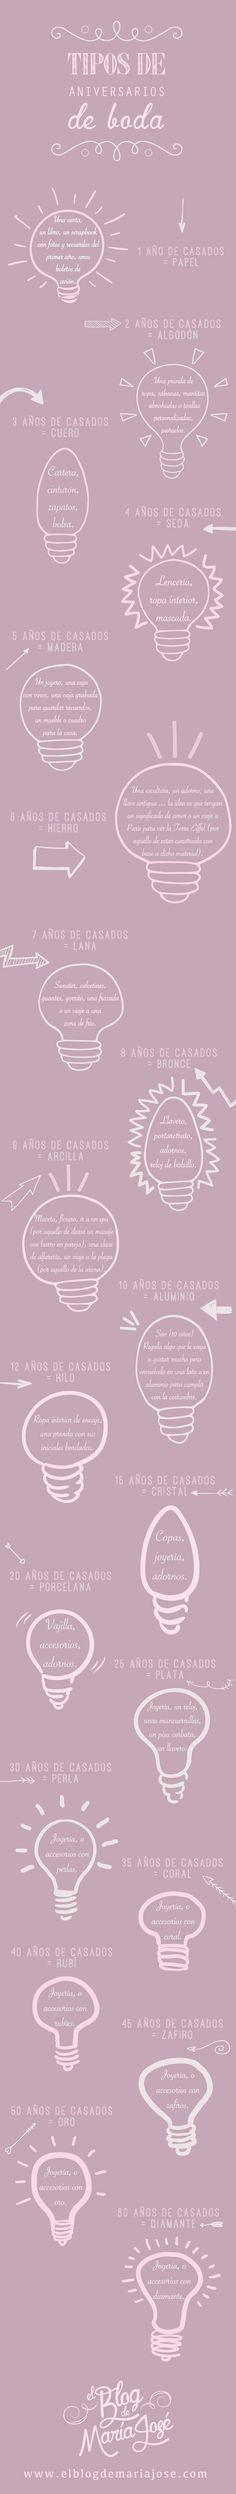 Tipos de aniversarios de boda #bodas #ElBlogdeMaríaJosé #Aniversarioboda